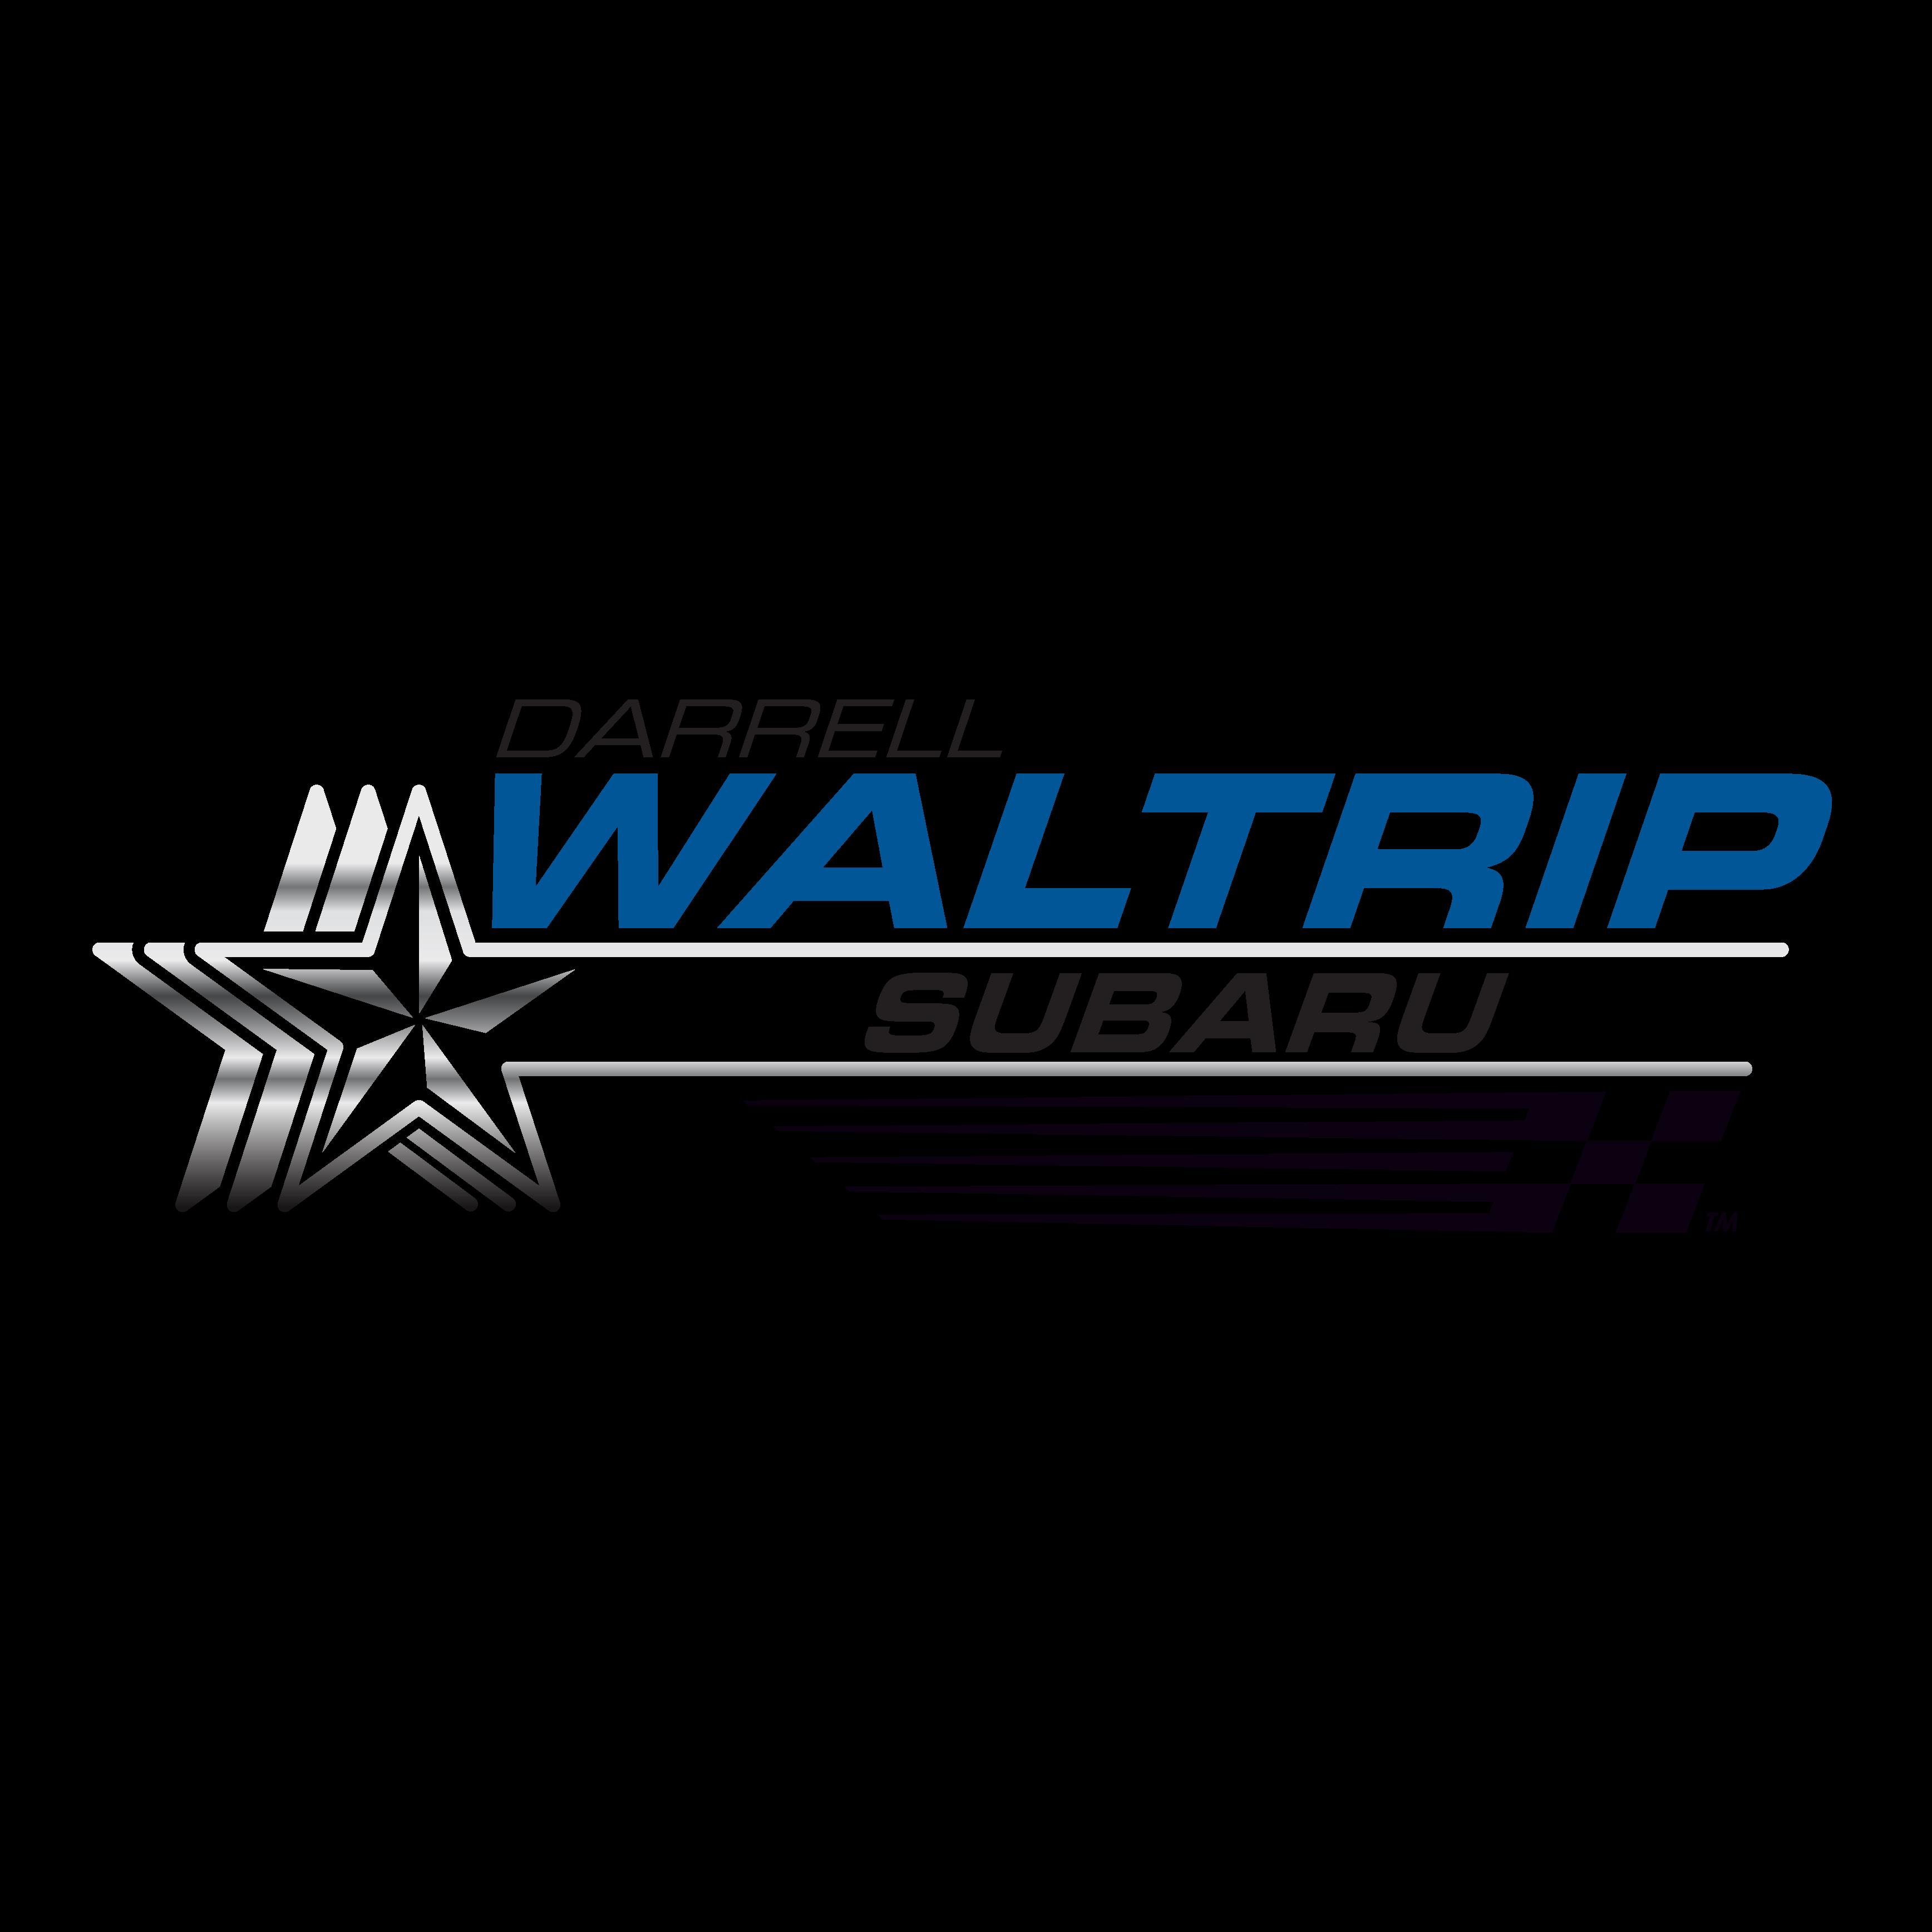 Darrell Waltrip Subaru